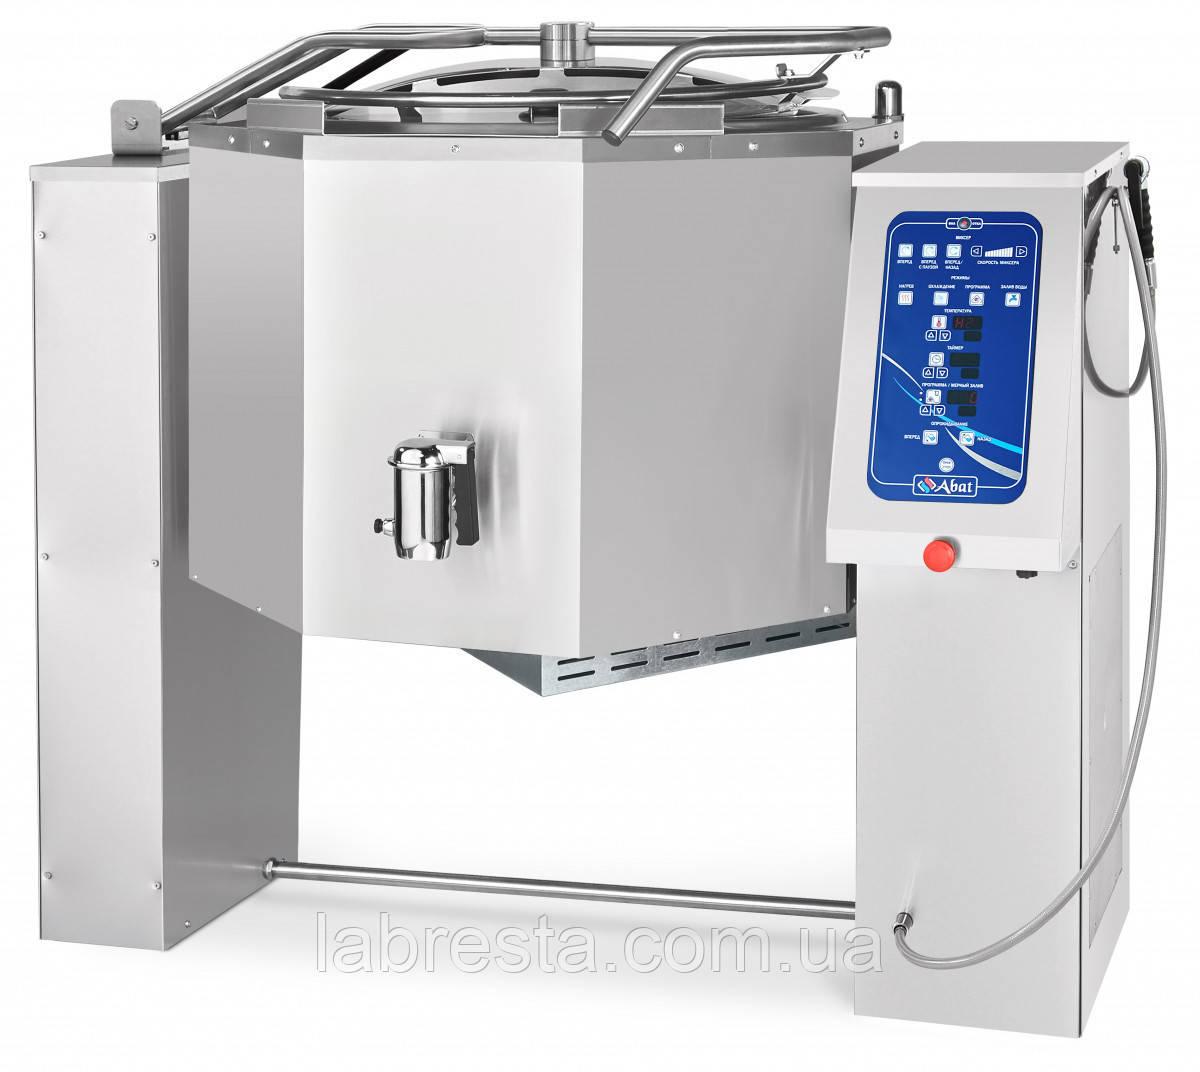 Котел пищеварочный Abat КПЭМ-250-ОМ2 (кран, миксер, авто опрокидывание, программы)